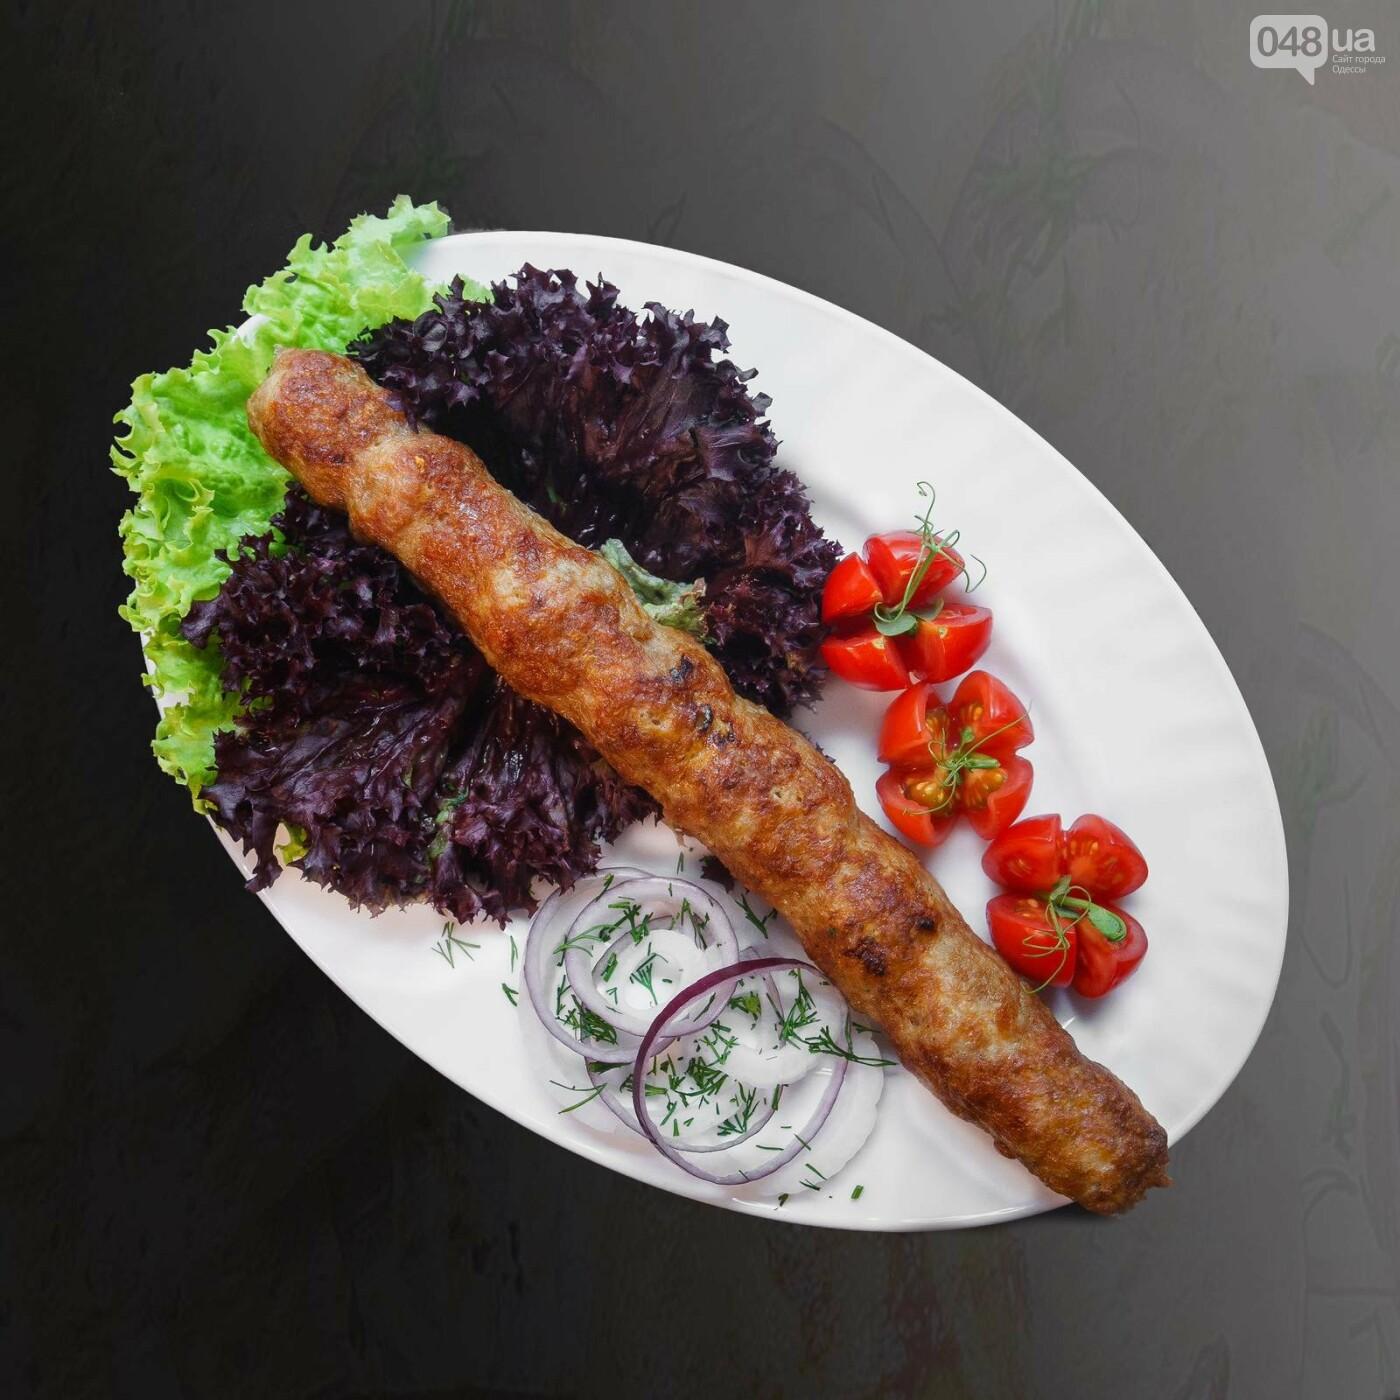 Доставка еды -популярные доставки Одессы, фото-54